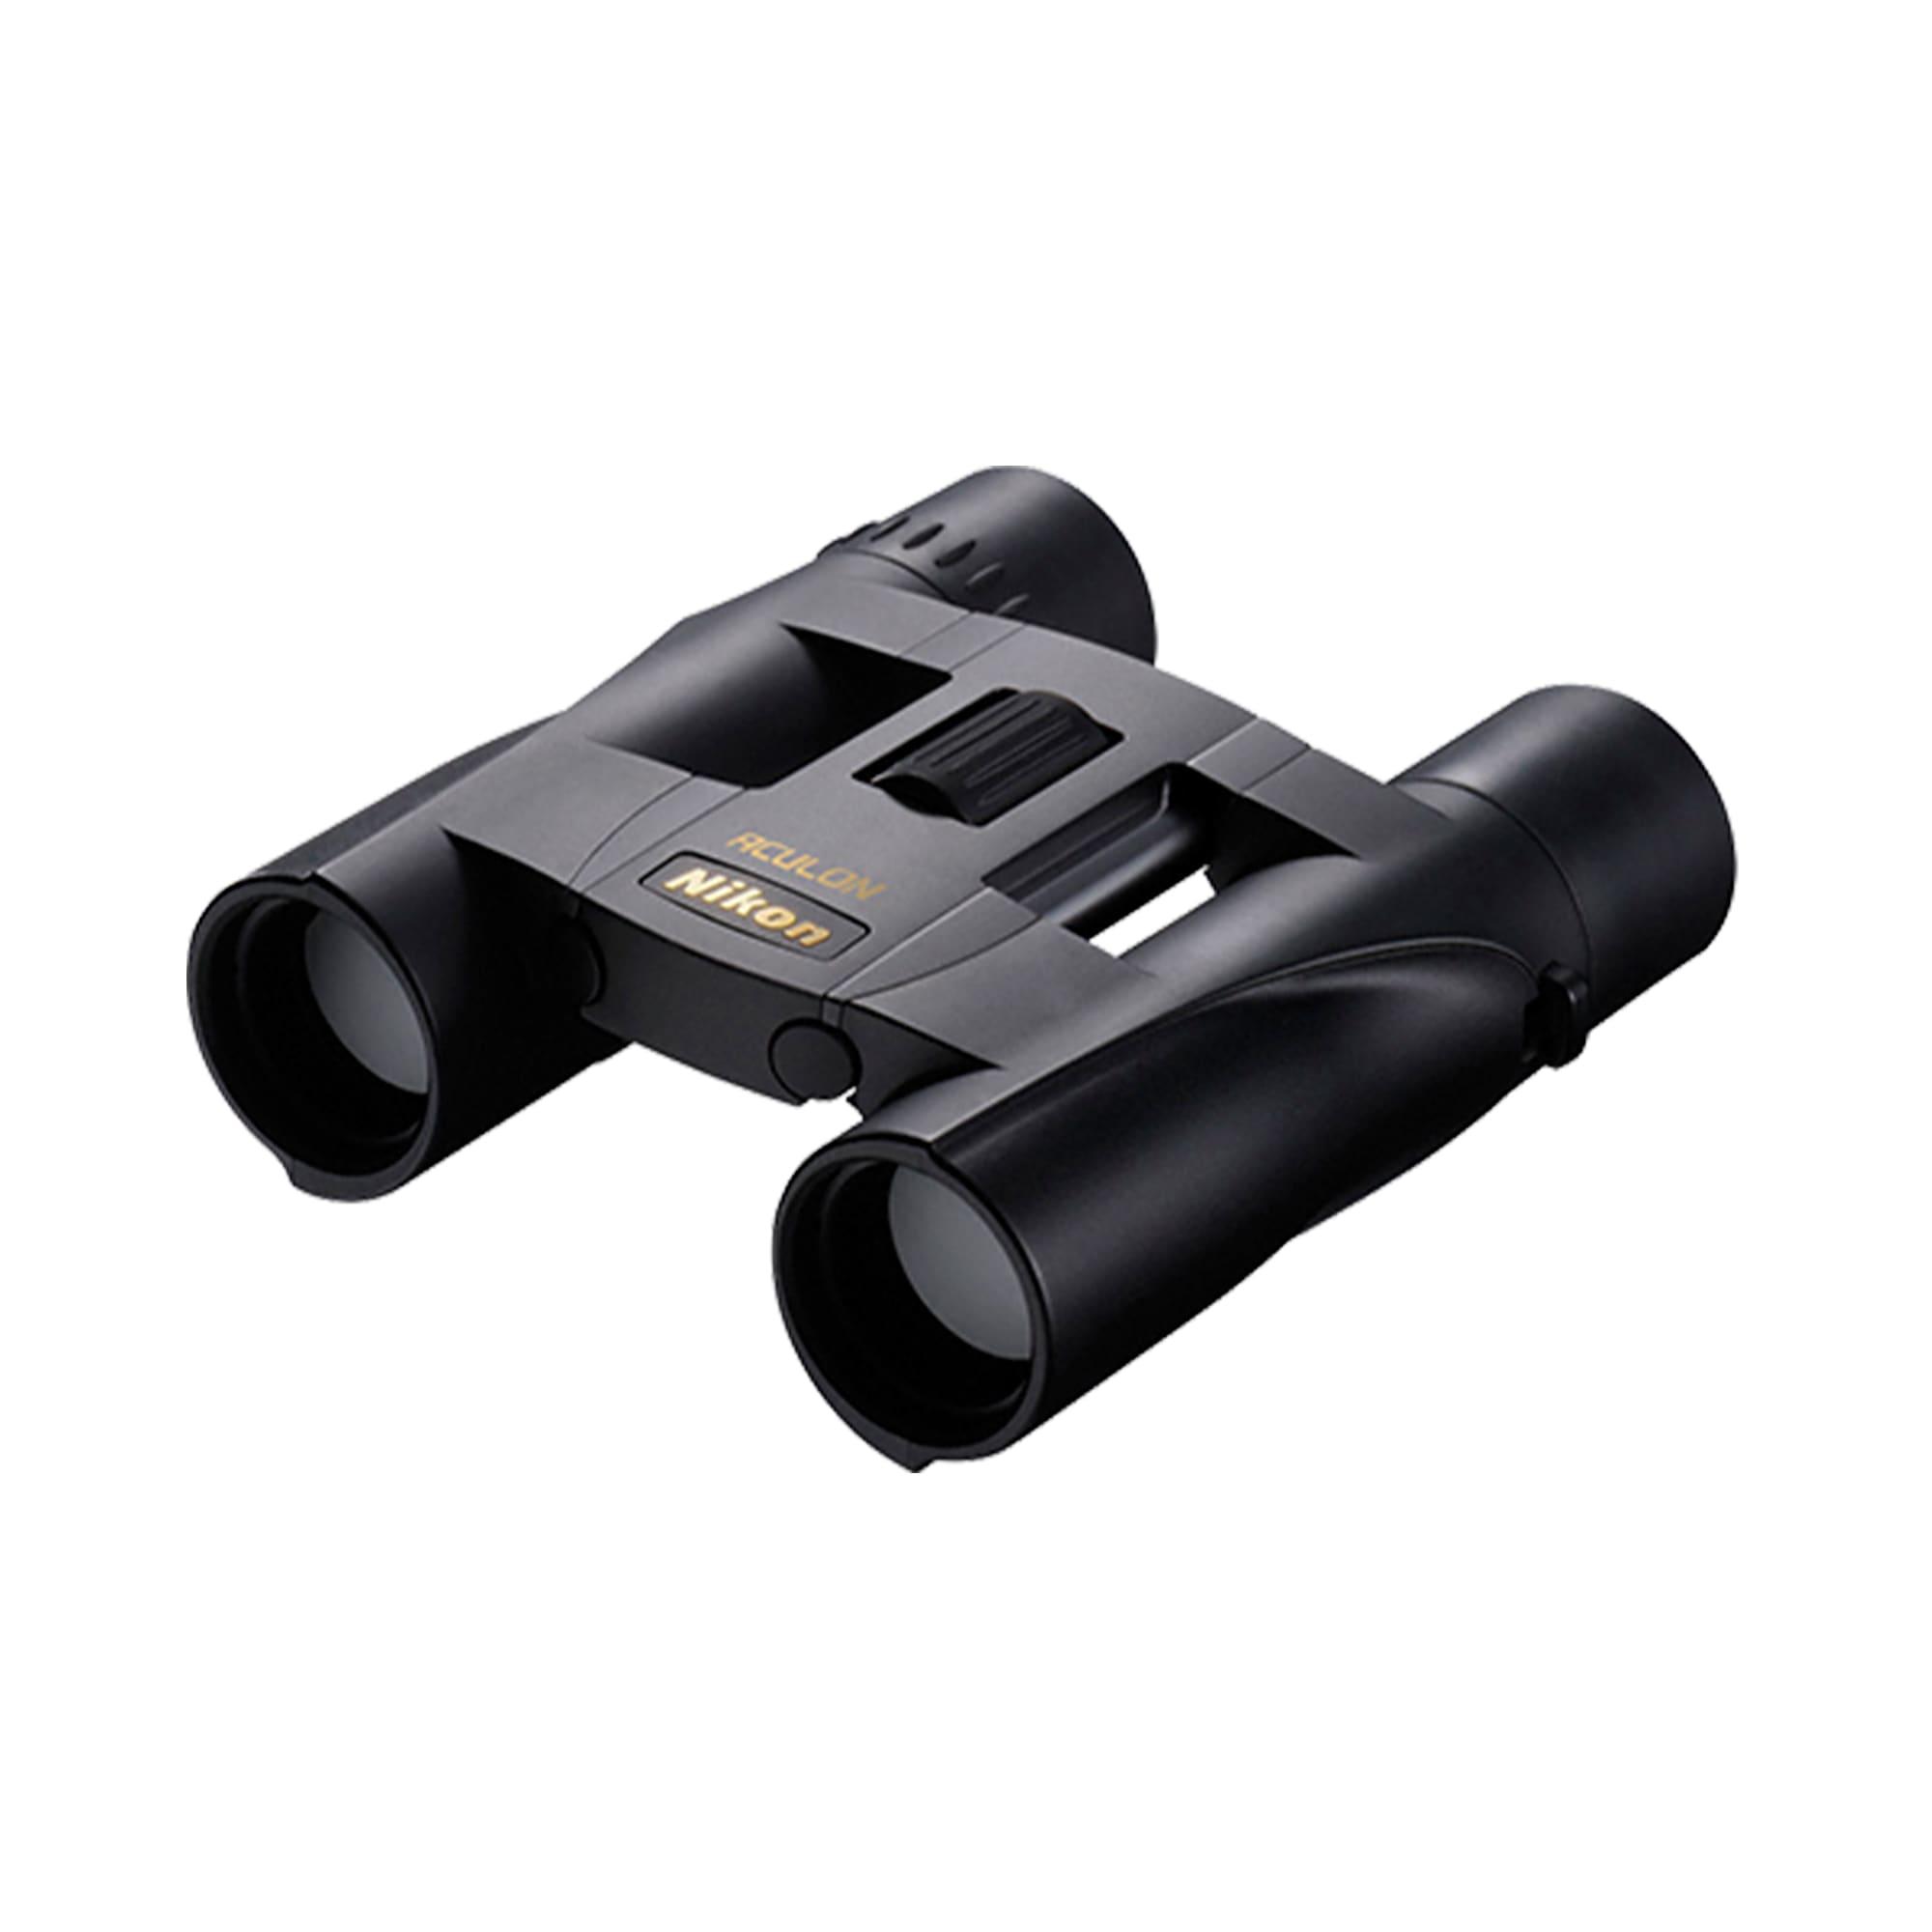 Nikon Aculon A30 10x25 Svart